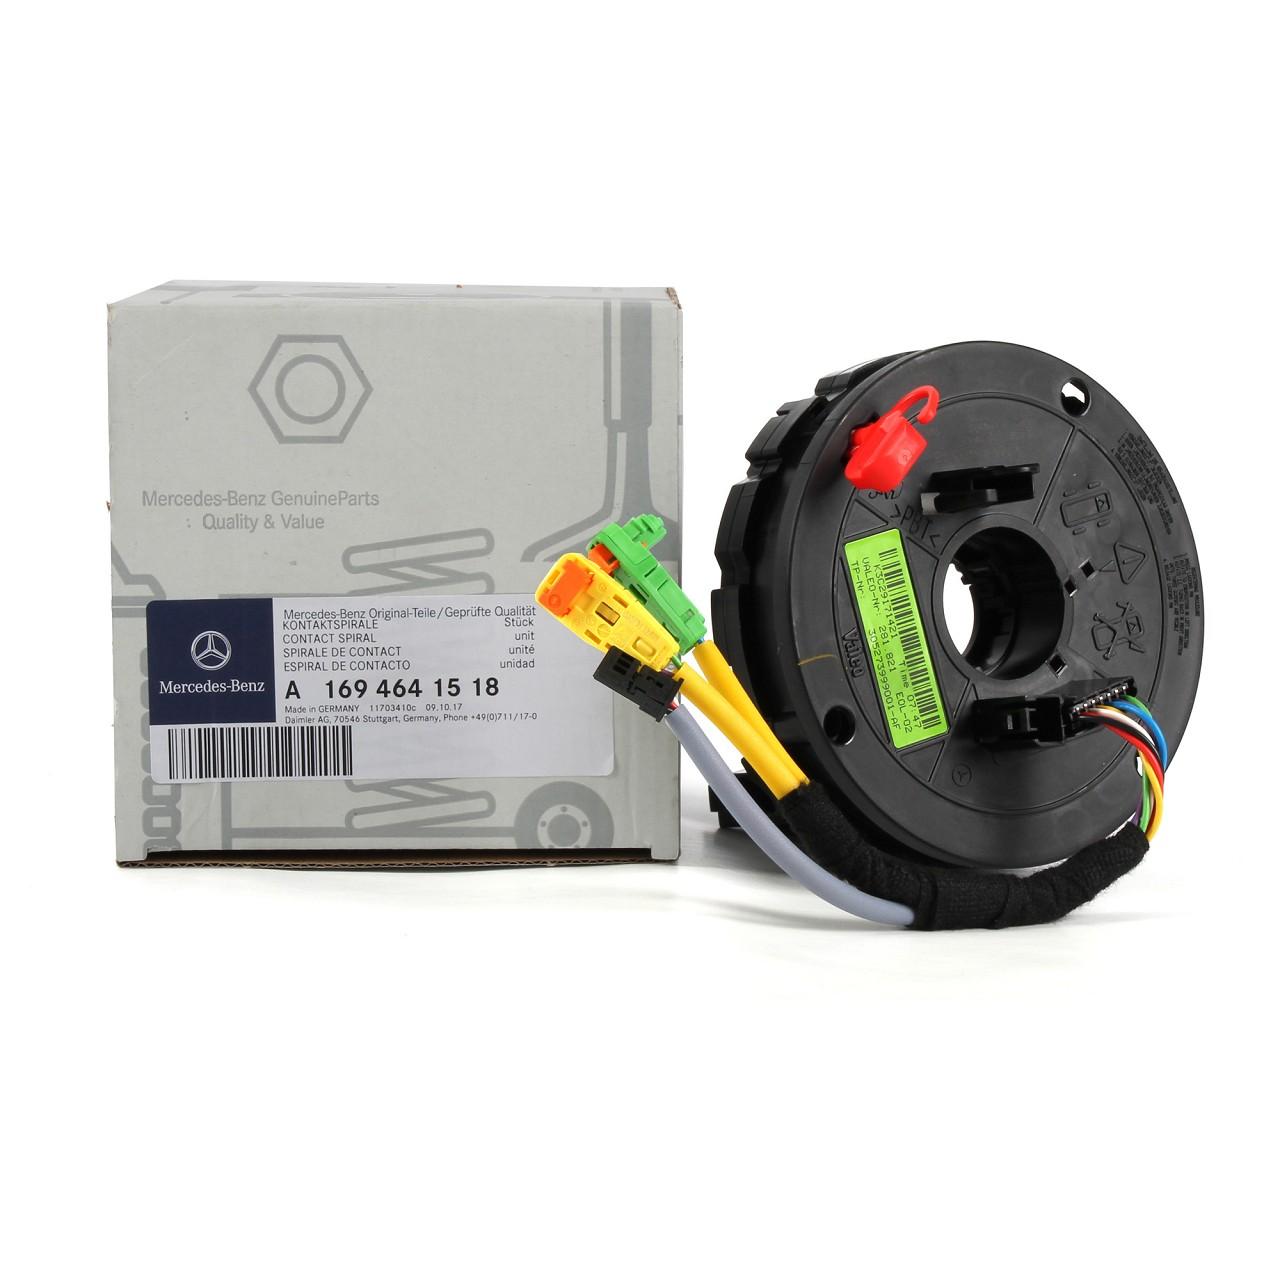 ORIGINAL Mercedes Lenkwinkelsensor Schleifring Lenkwinkel Sensor 1694641518